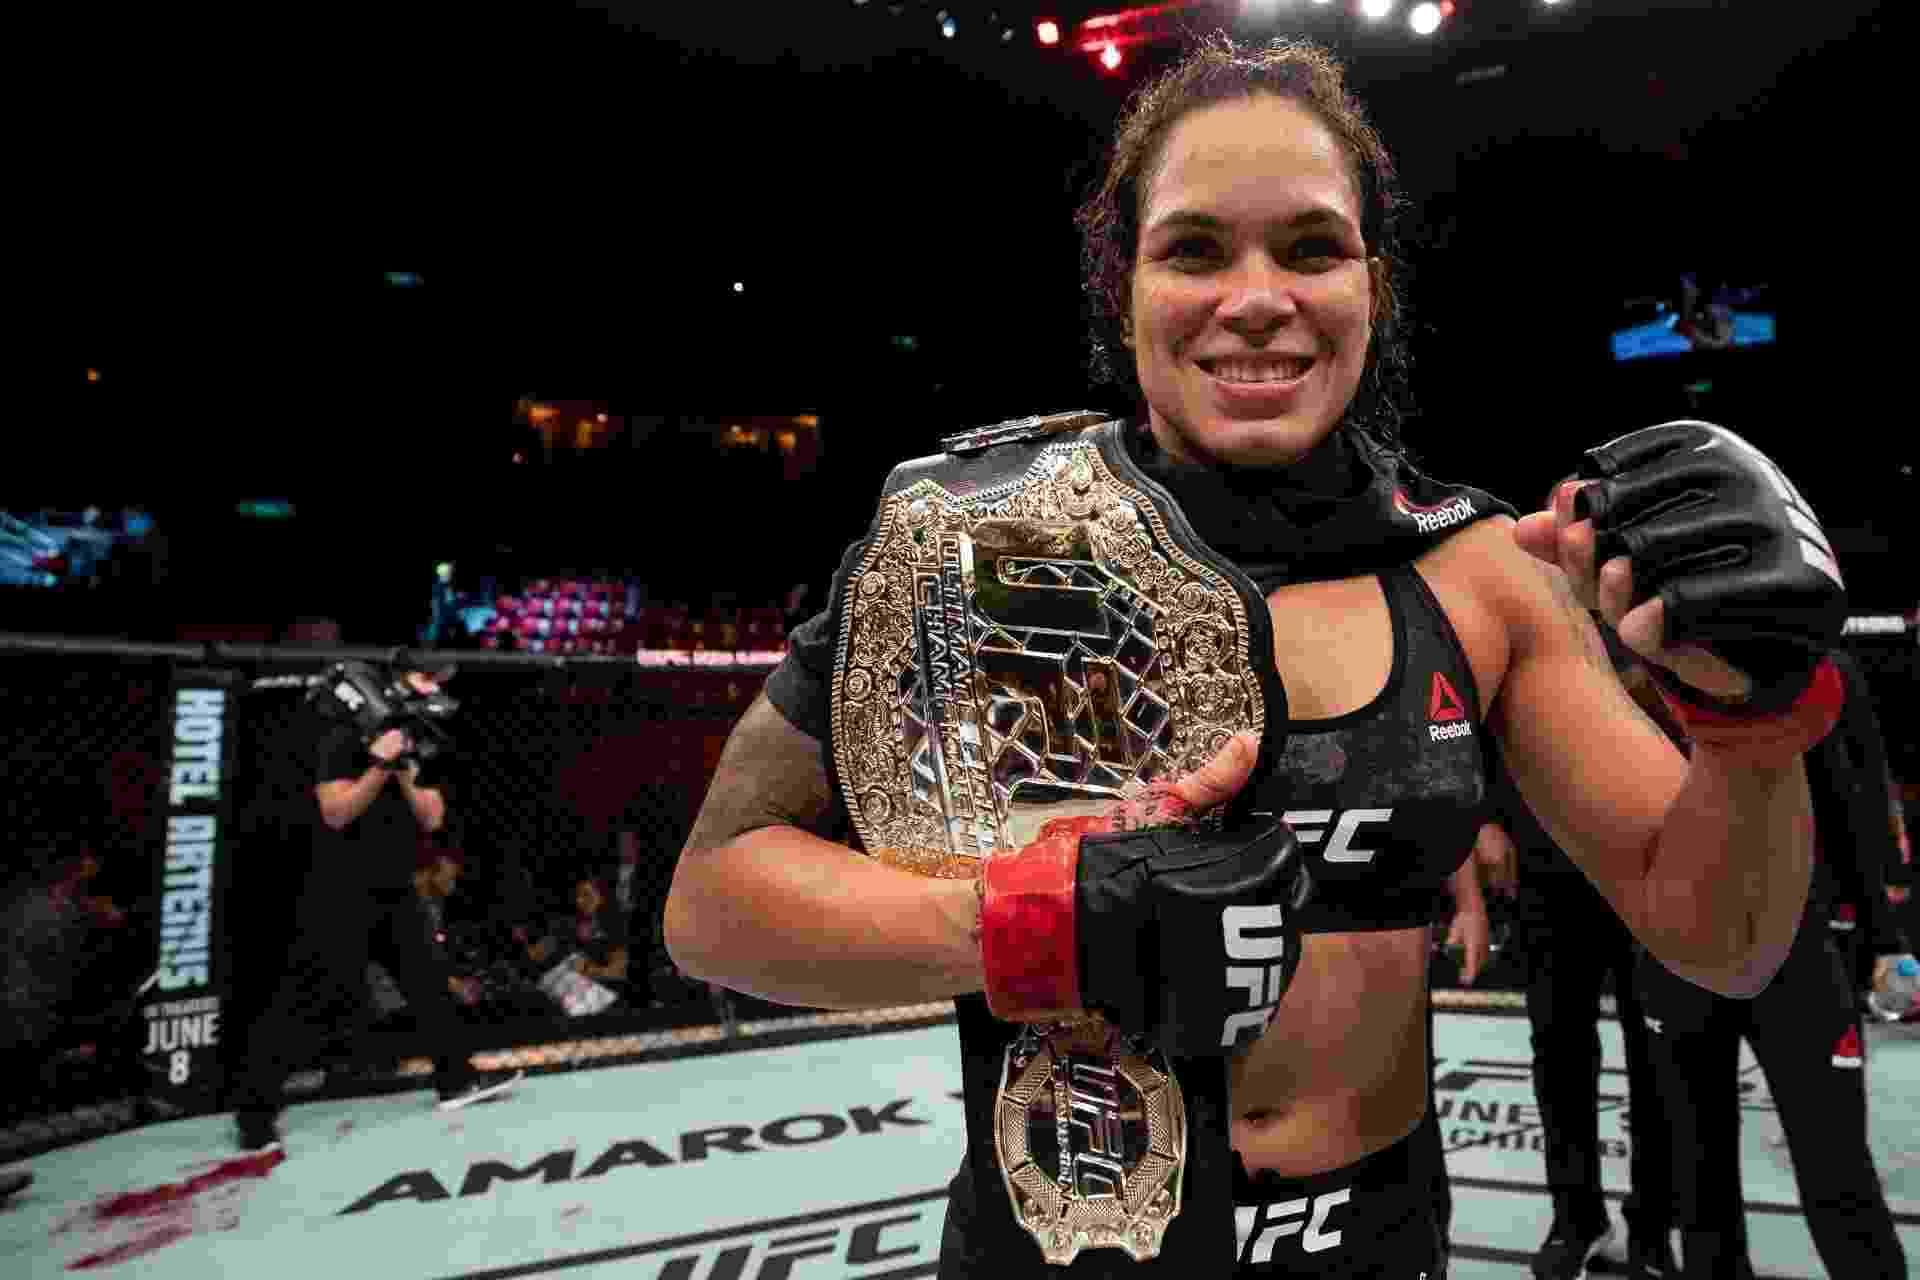 Brasileira Amanda Nunes venceu americana Pennington e manteve o cinturão do UFC - Buda Mendes/Zuffa LLC/Getty Images